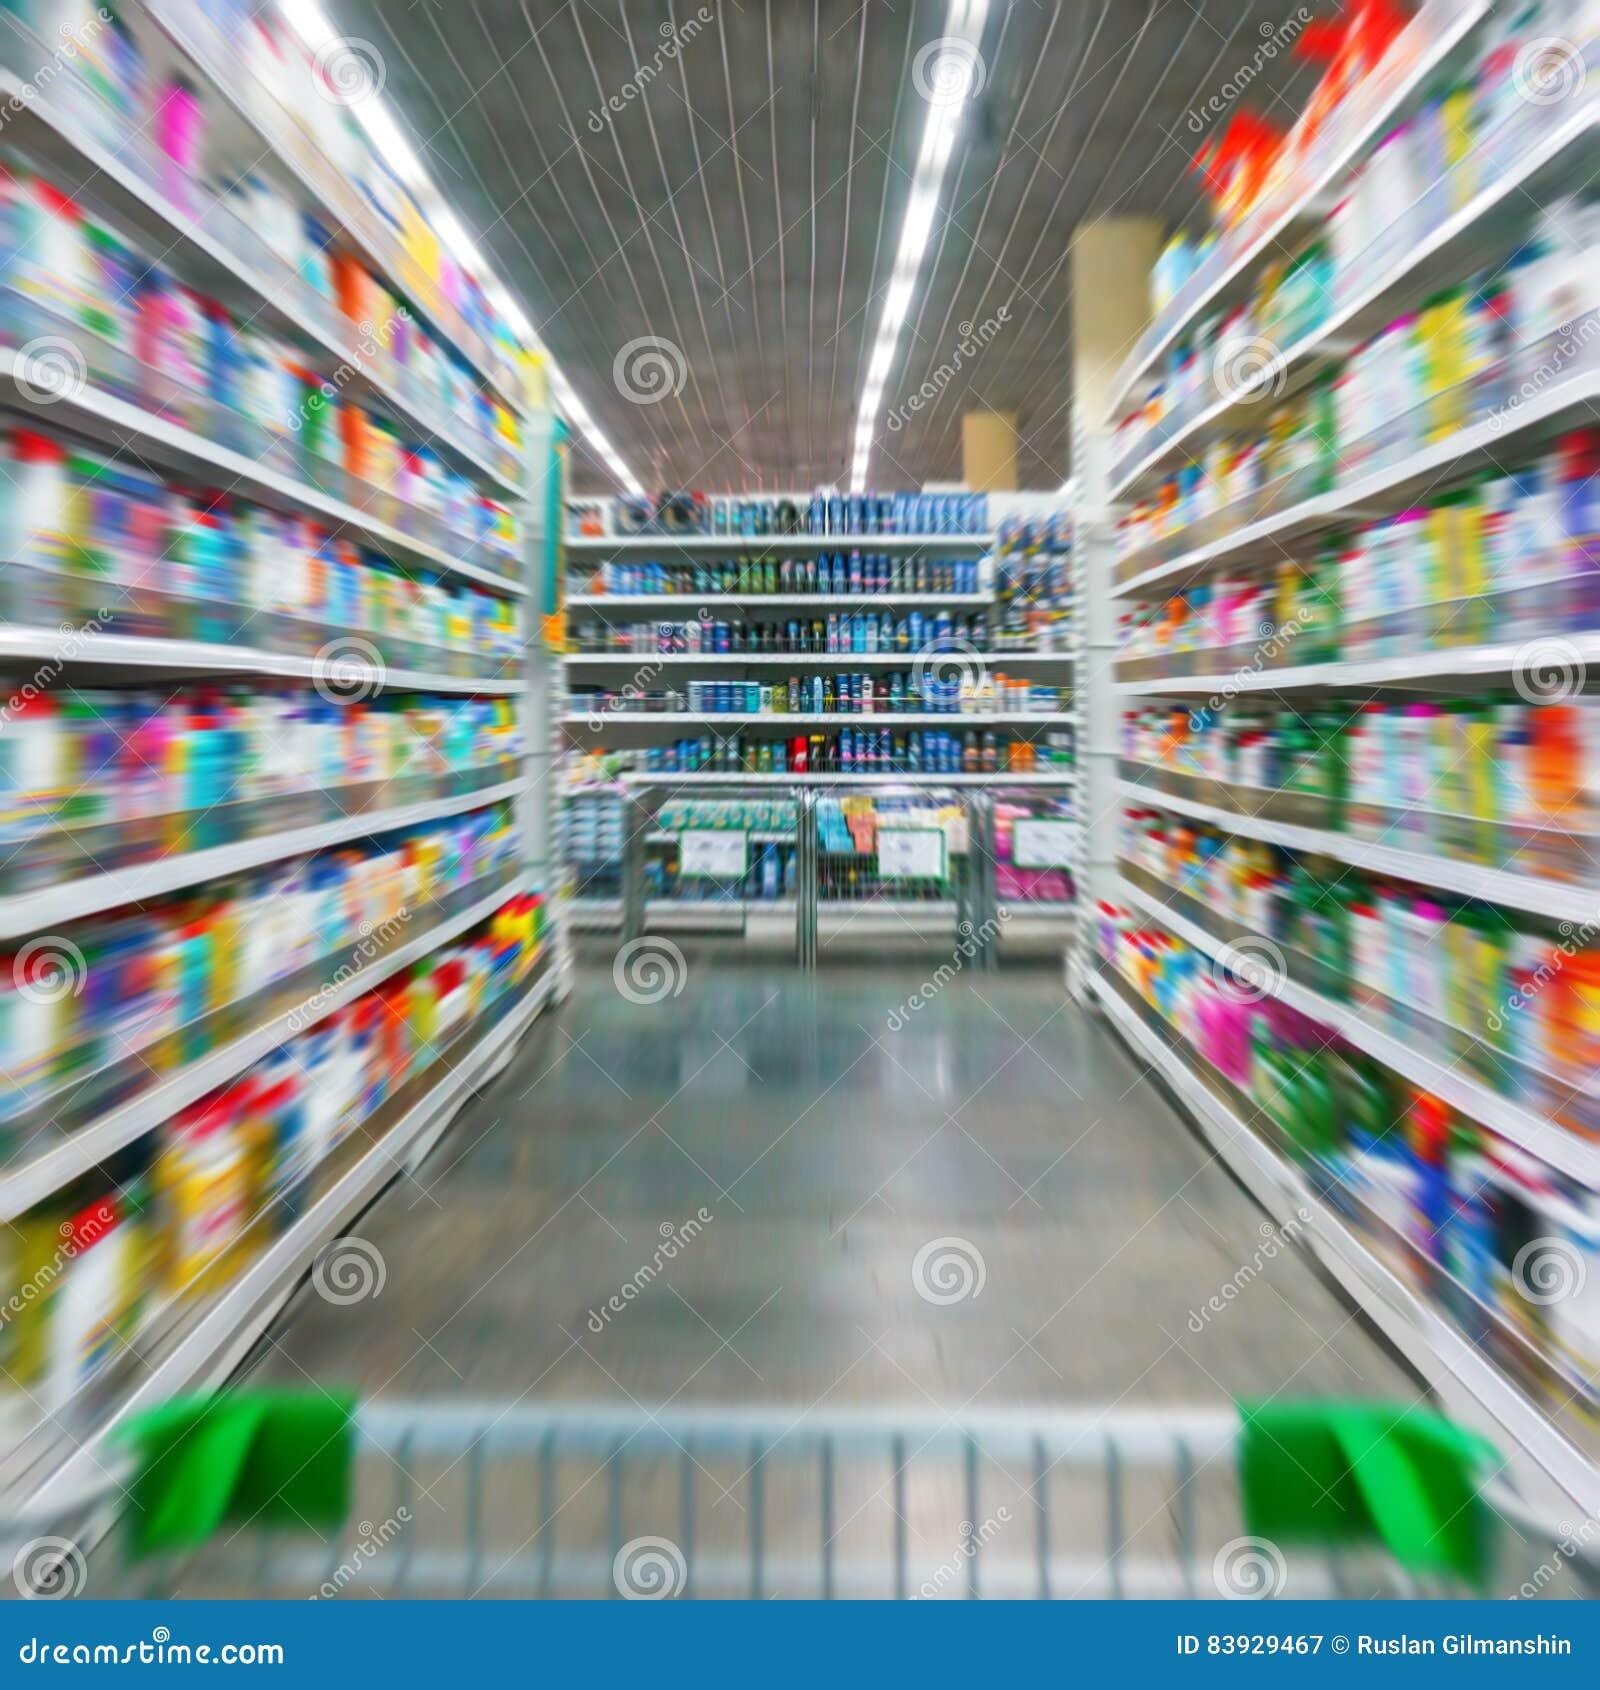 Warenkorb-Ansicht über einen Supermarkt-Gang und Regale - Bild hat flache Schärfentiefe